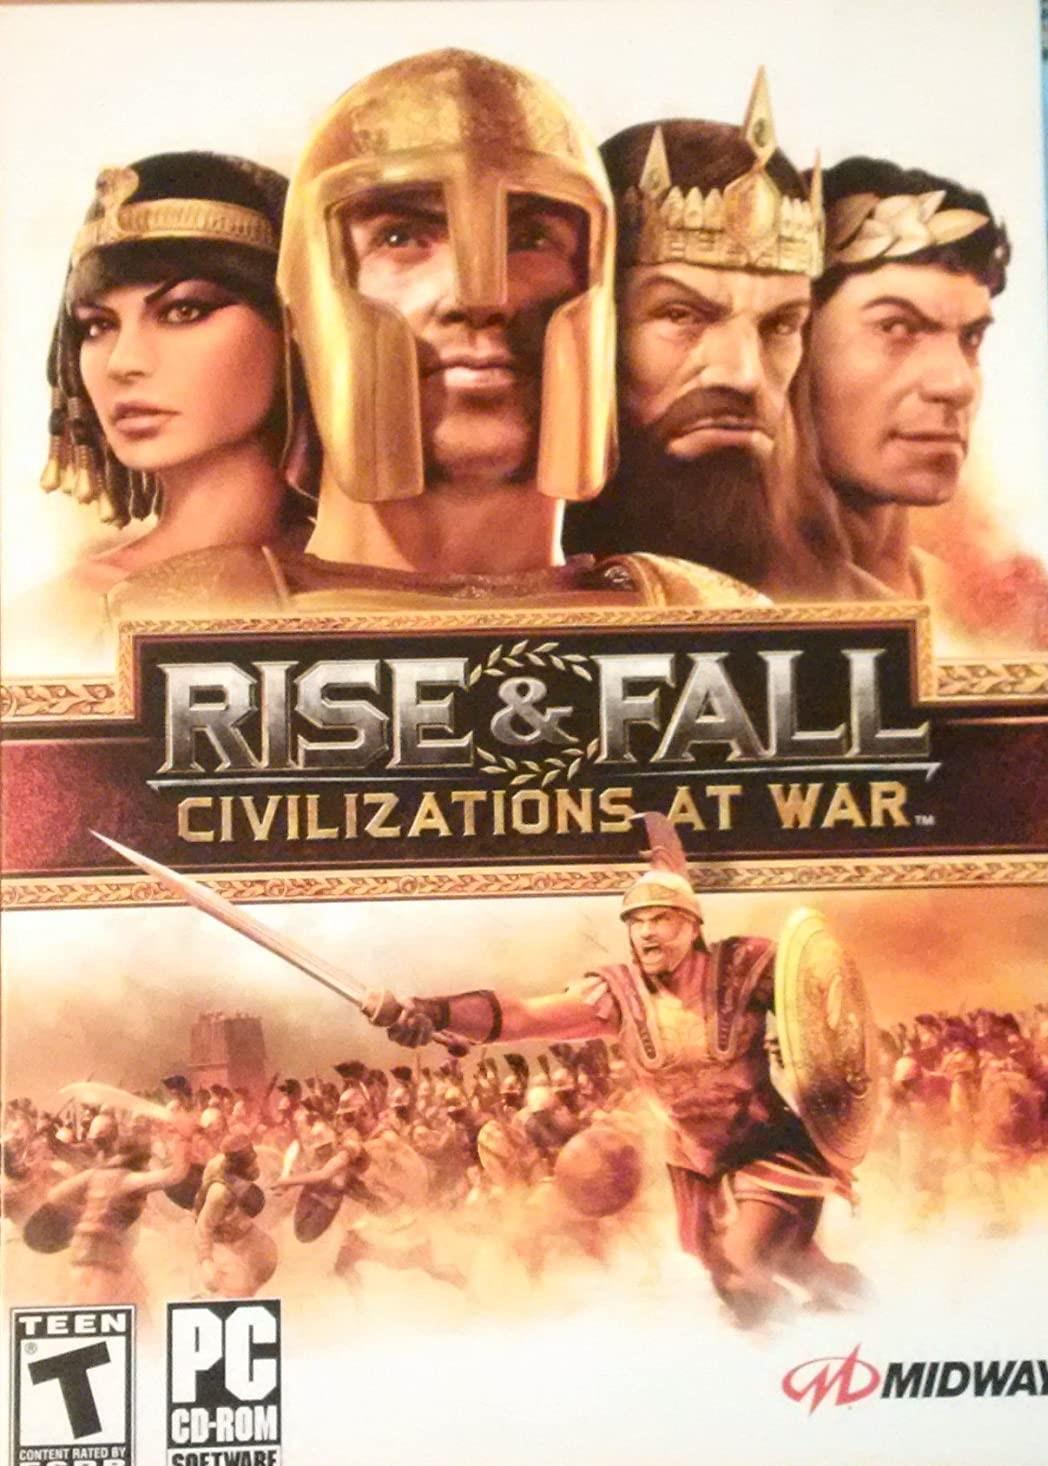 دانلود بازی Rise and Fall: Civilizations at War برای PC